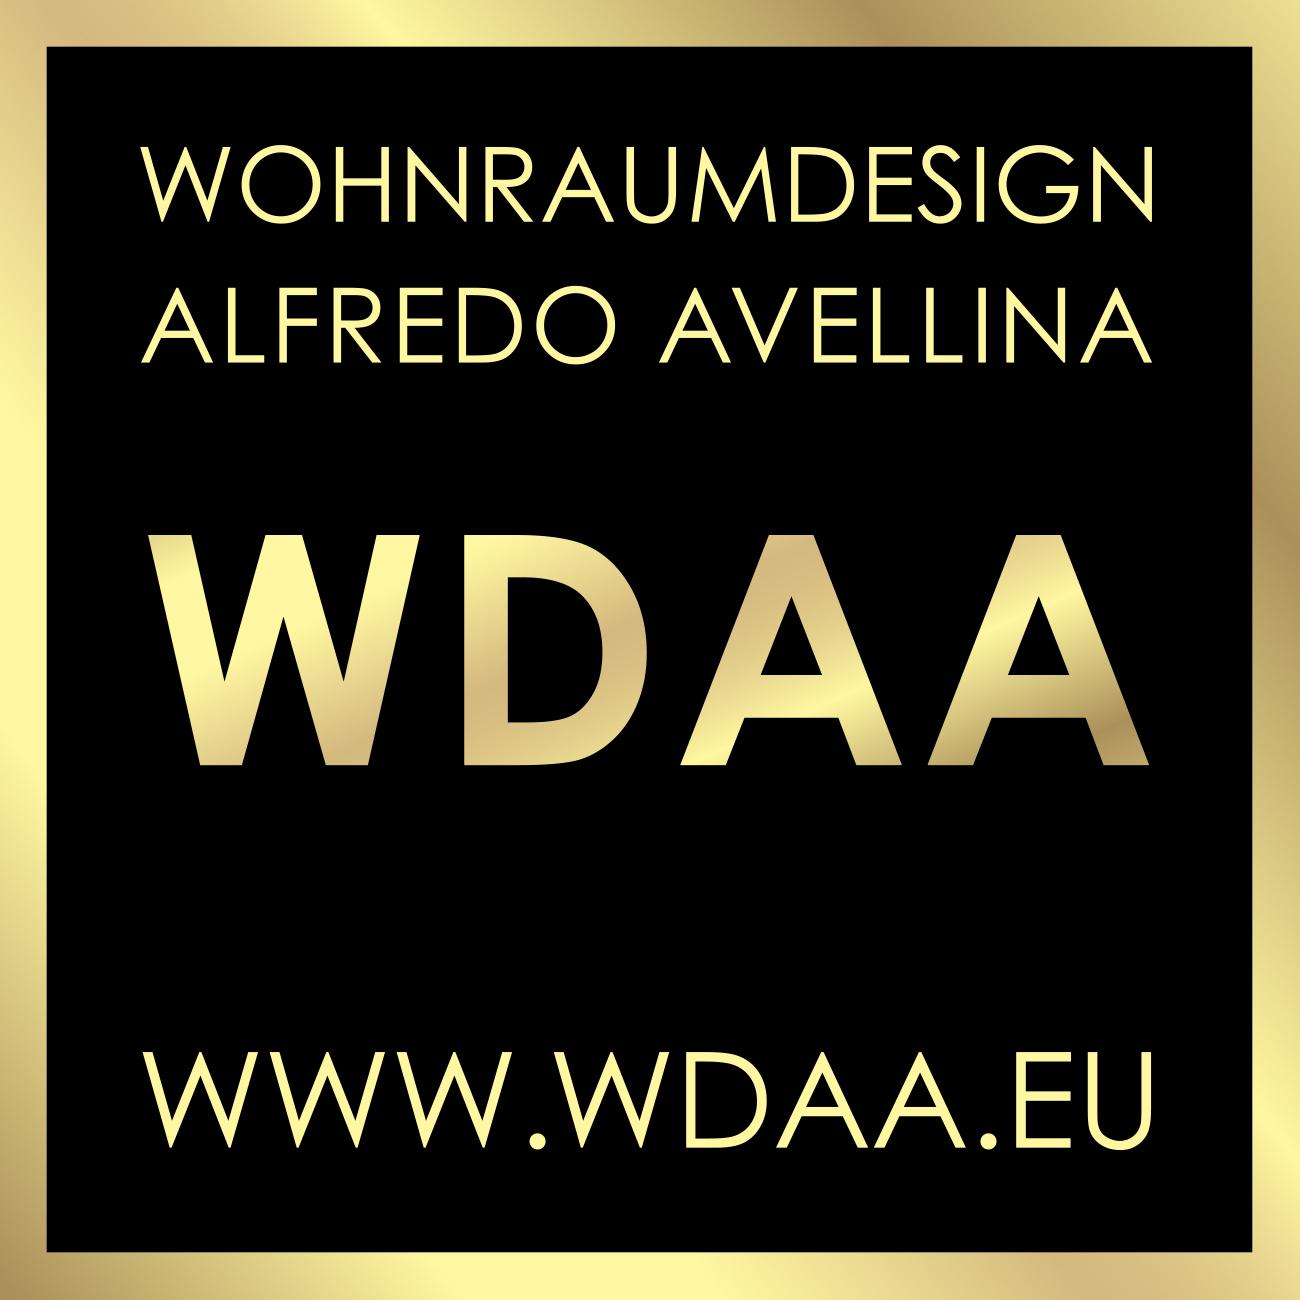 Wohnraumdesign Alfredo Avellina